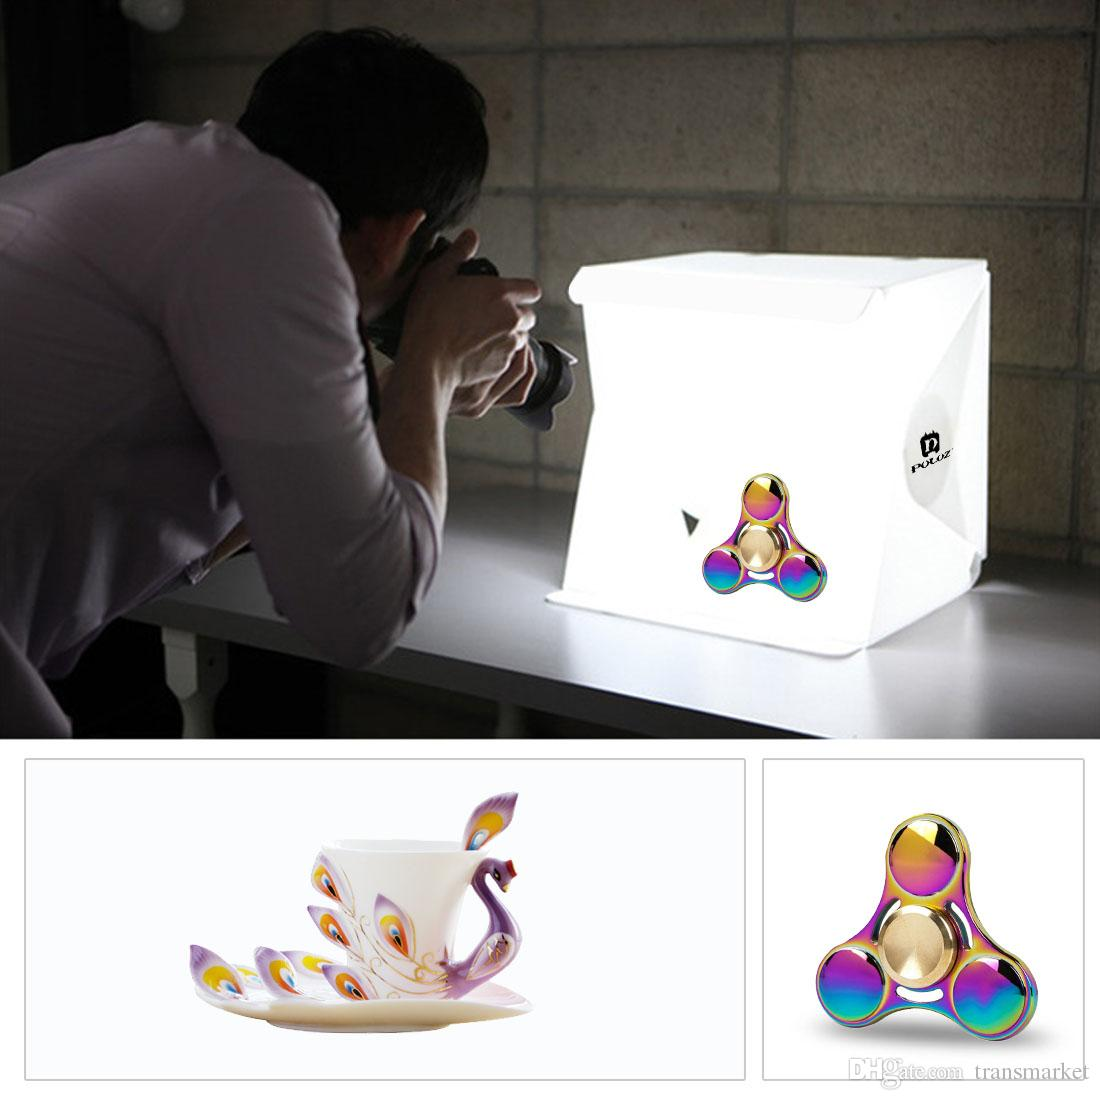 7 Renk Gönder Profesyonel Aksesuarlar Mini Fotoğraf Stüdyosu Kutusu Taşınabilir Fotoğraf Aydınlatma Backdrop Dahili Işık Fotoğraf Su Geçirmez Stüdyo